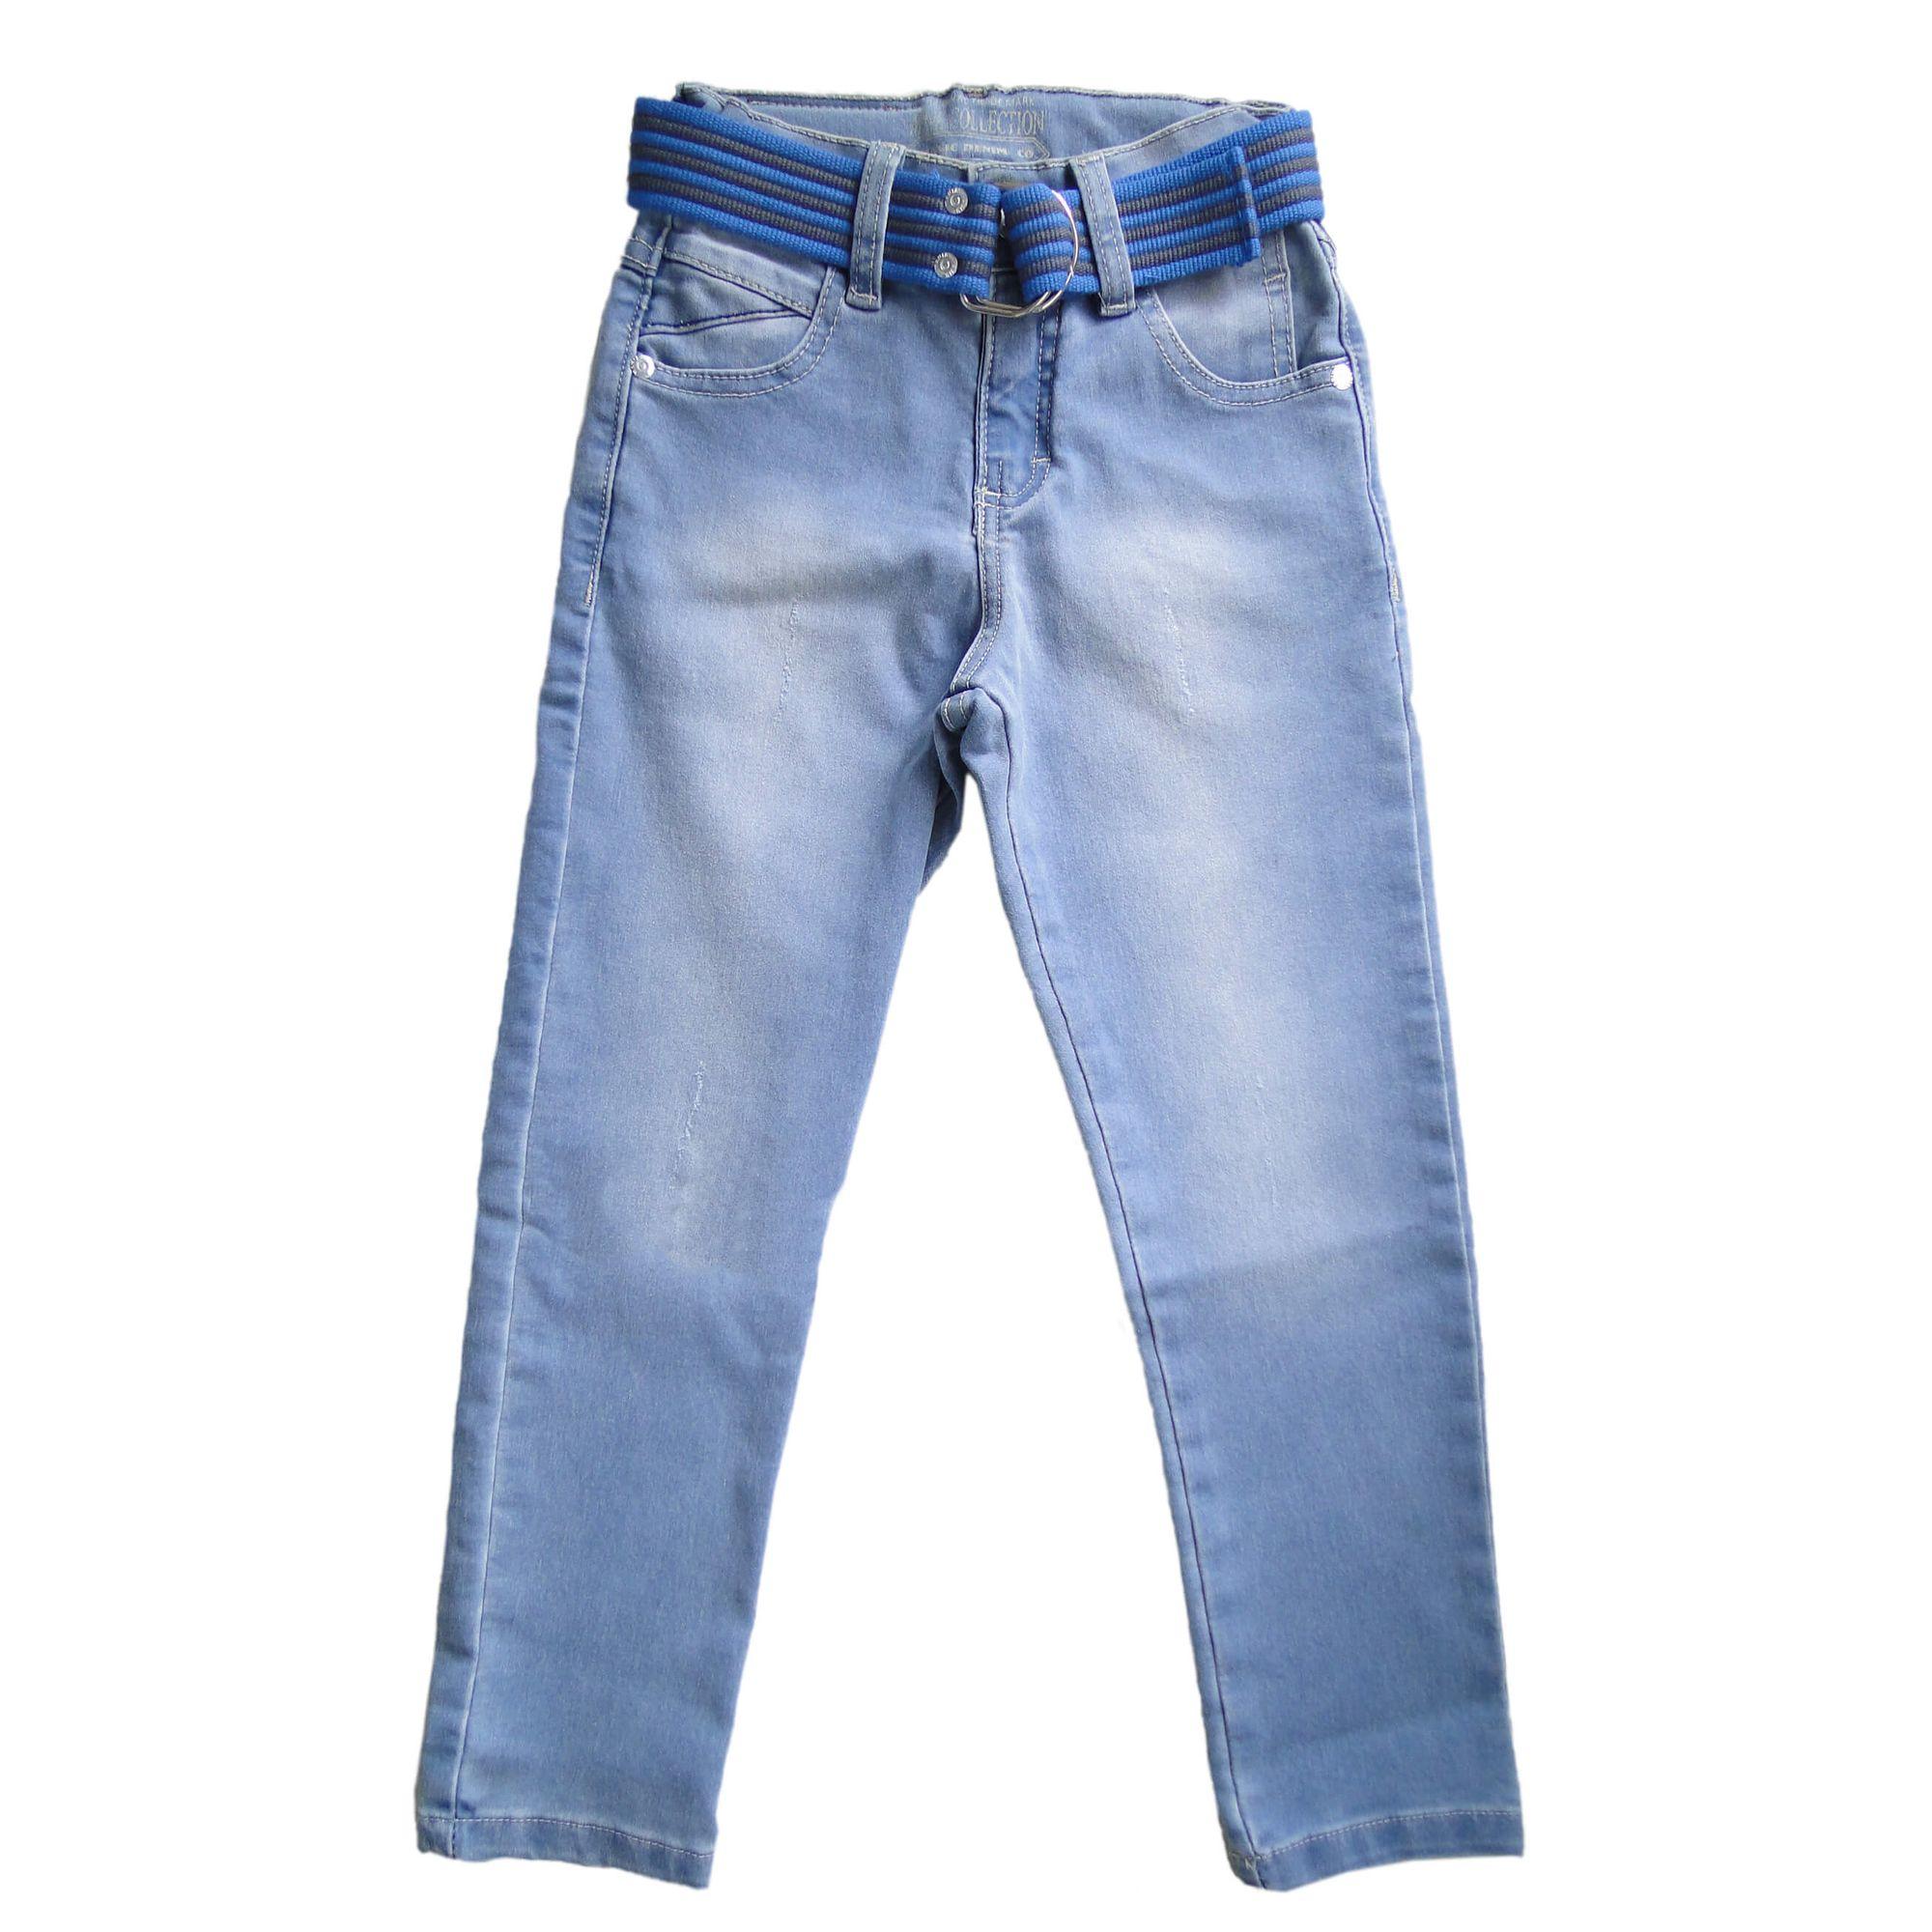 calca-menino-jeans-claro-com-cinto-azul-e-cinza